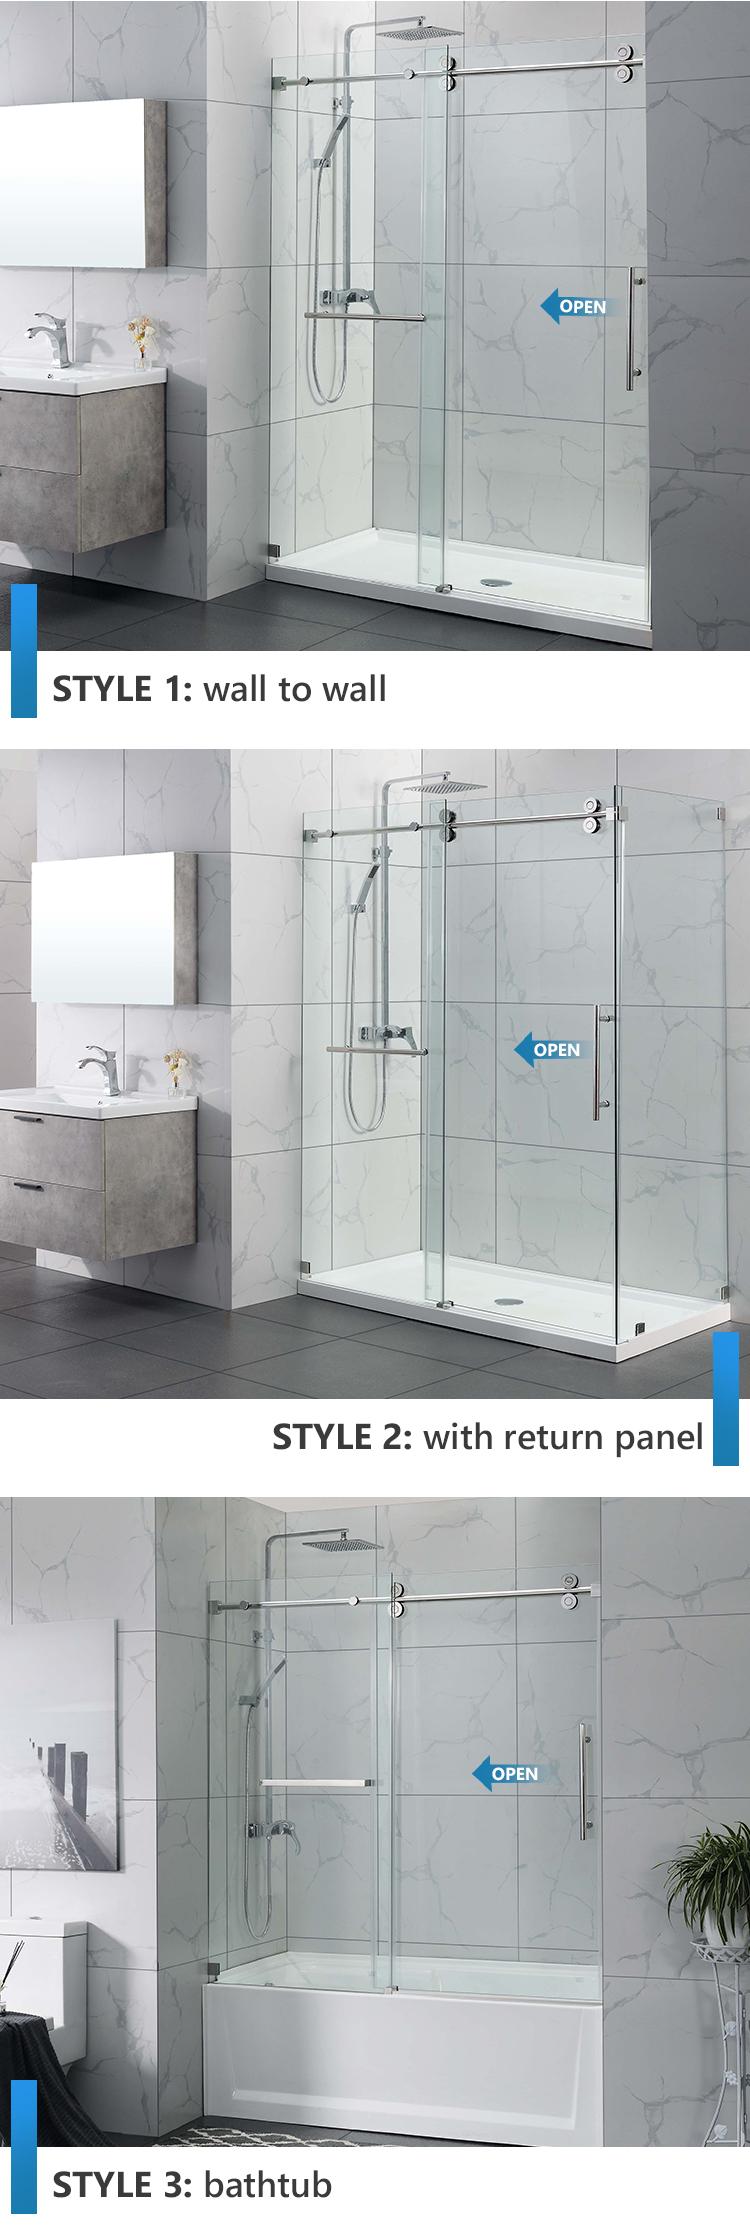 Custom Frameless Glass 2 Panel Shower Doors 10mm Glass Door Transparent Toilet Bathtub Shower Room Buy 2 Panel Shower Room Shower Cabins Shower